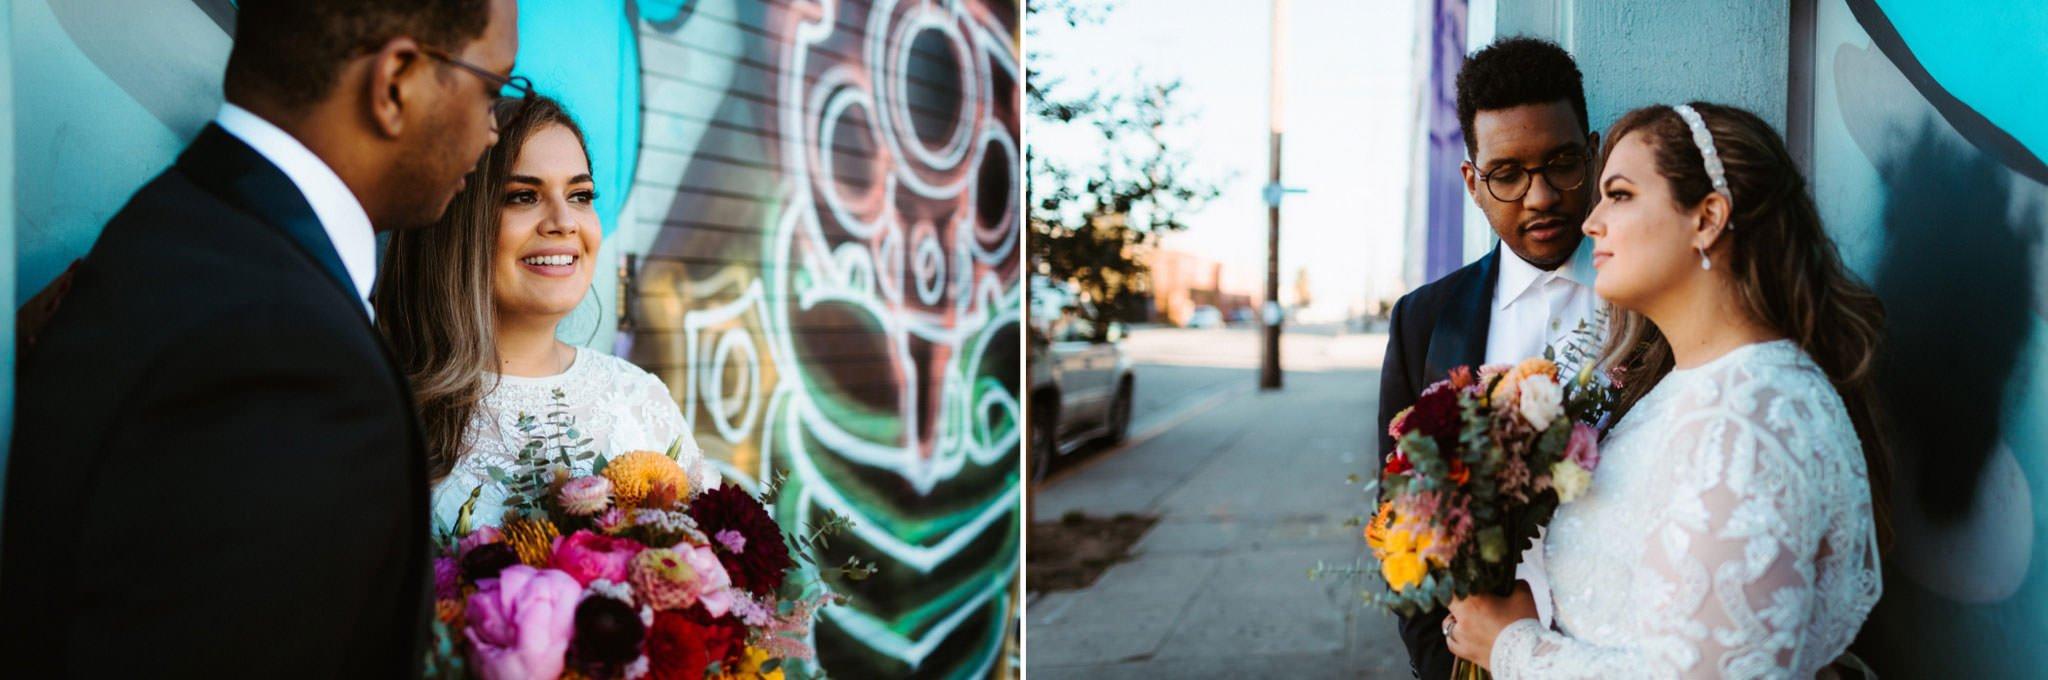 la elopement photos 083